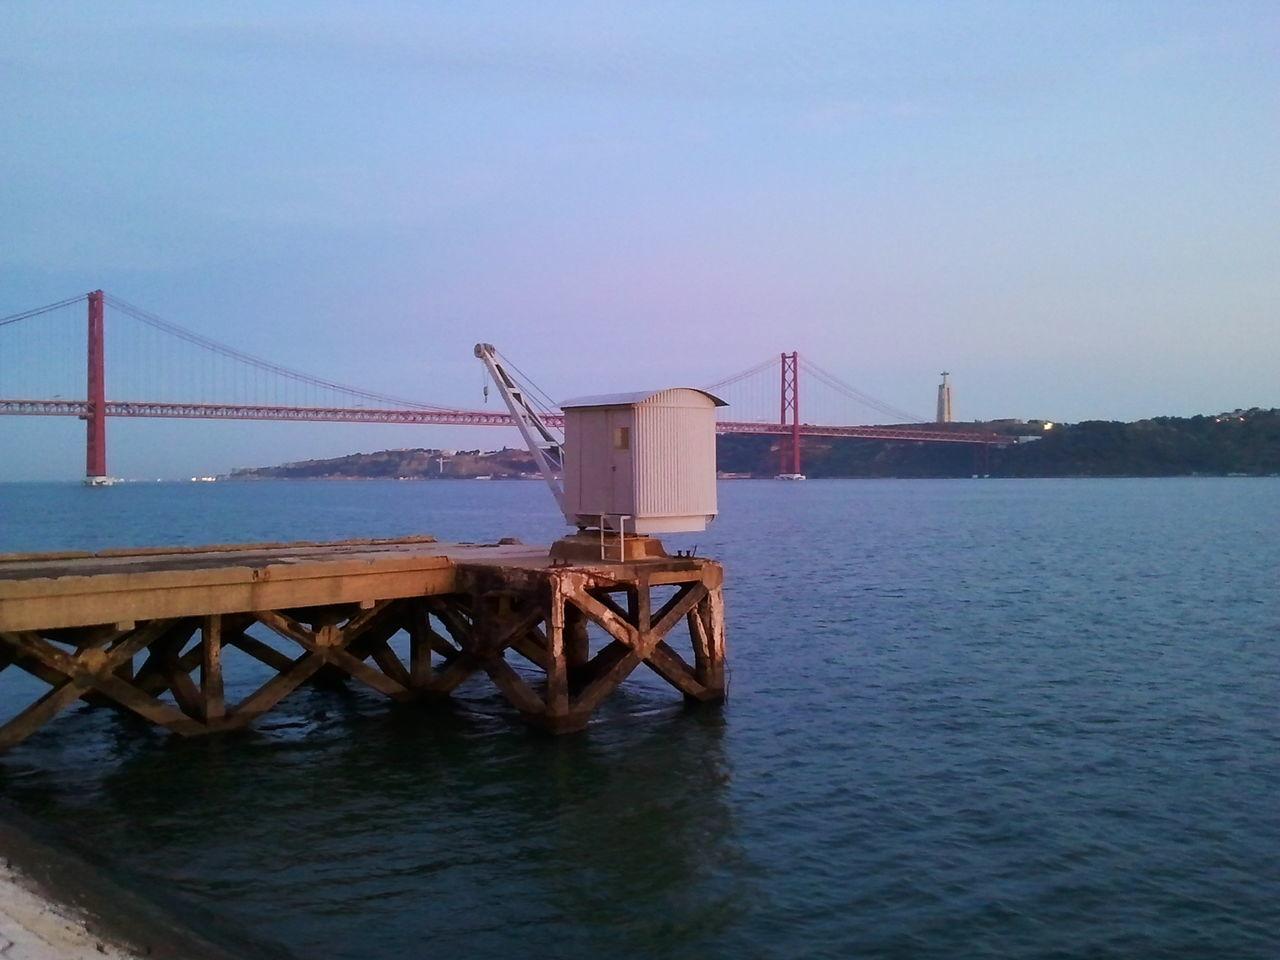 Lisbon Lisboa Lisbonne Lisbona Bridge Bridge View River Tejoriver Tejo Rio Tejo Docks